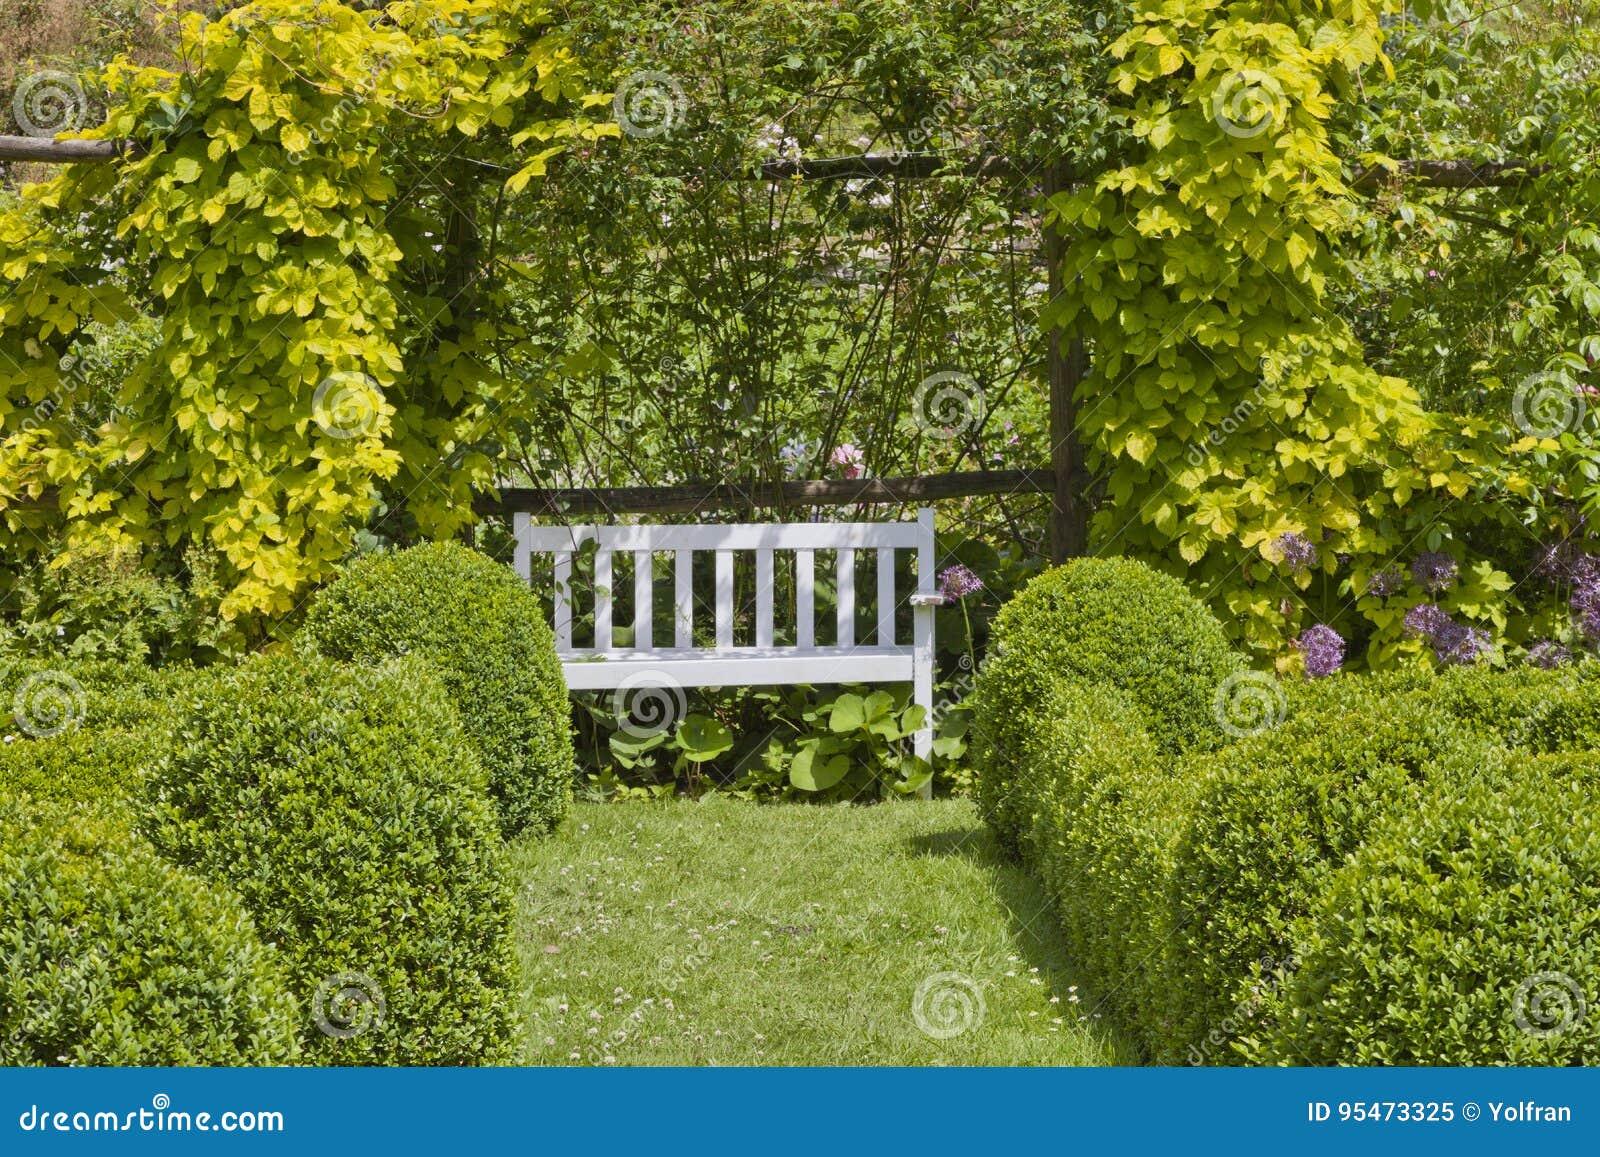 Sommergarten Mit Weißer Bank Kasten Trimmte Hecke Stockbild